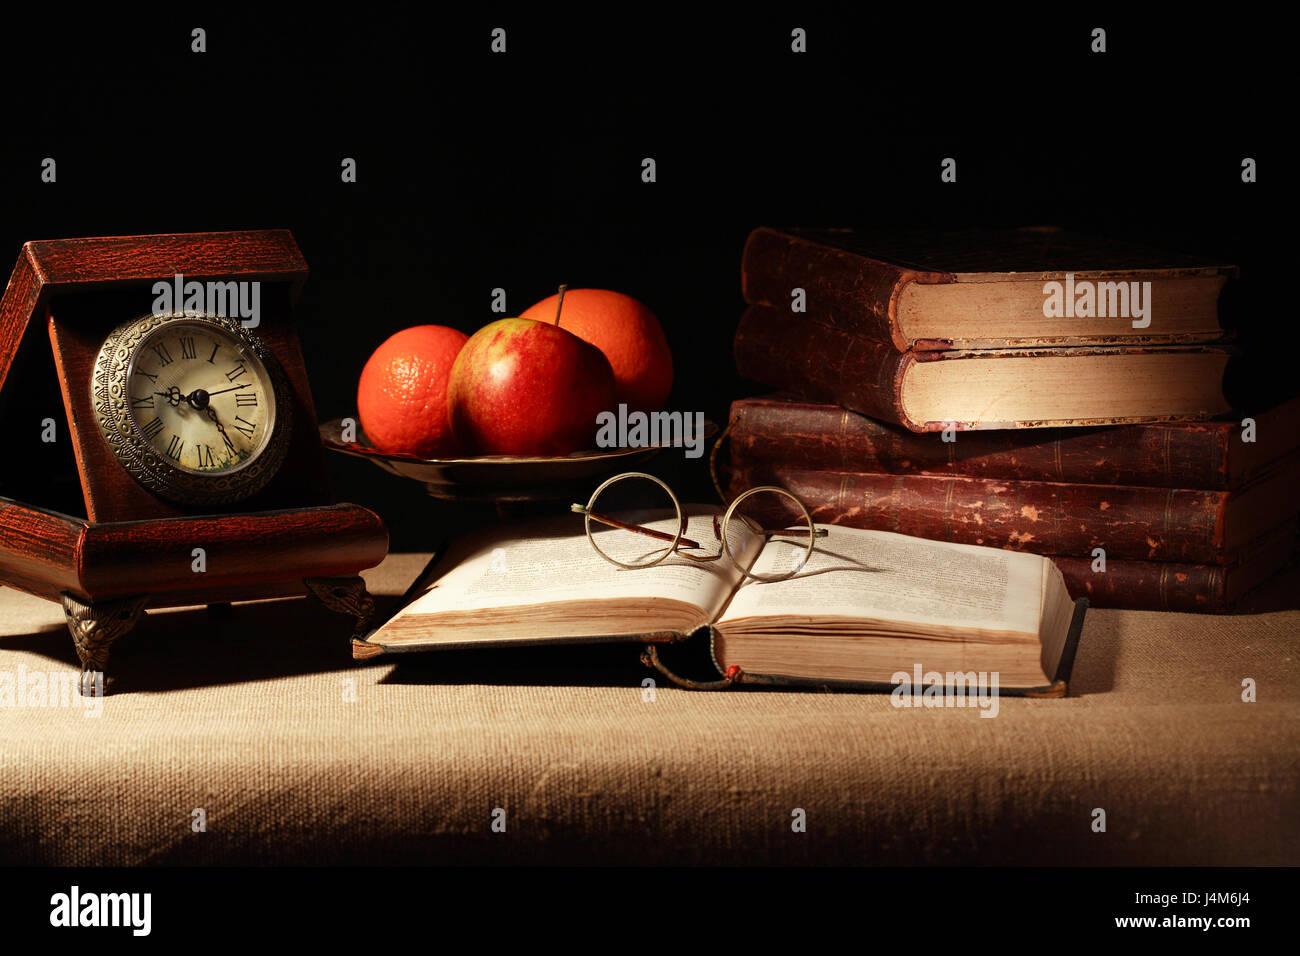 Vintage Stil Leben mit alte Uhr, in der Nähe von Obstschale und Buch auf dunklem Hintergrund Stockbild